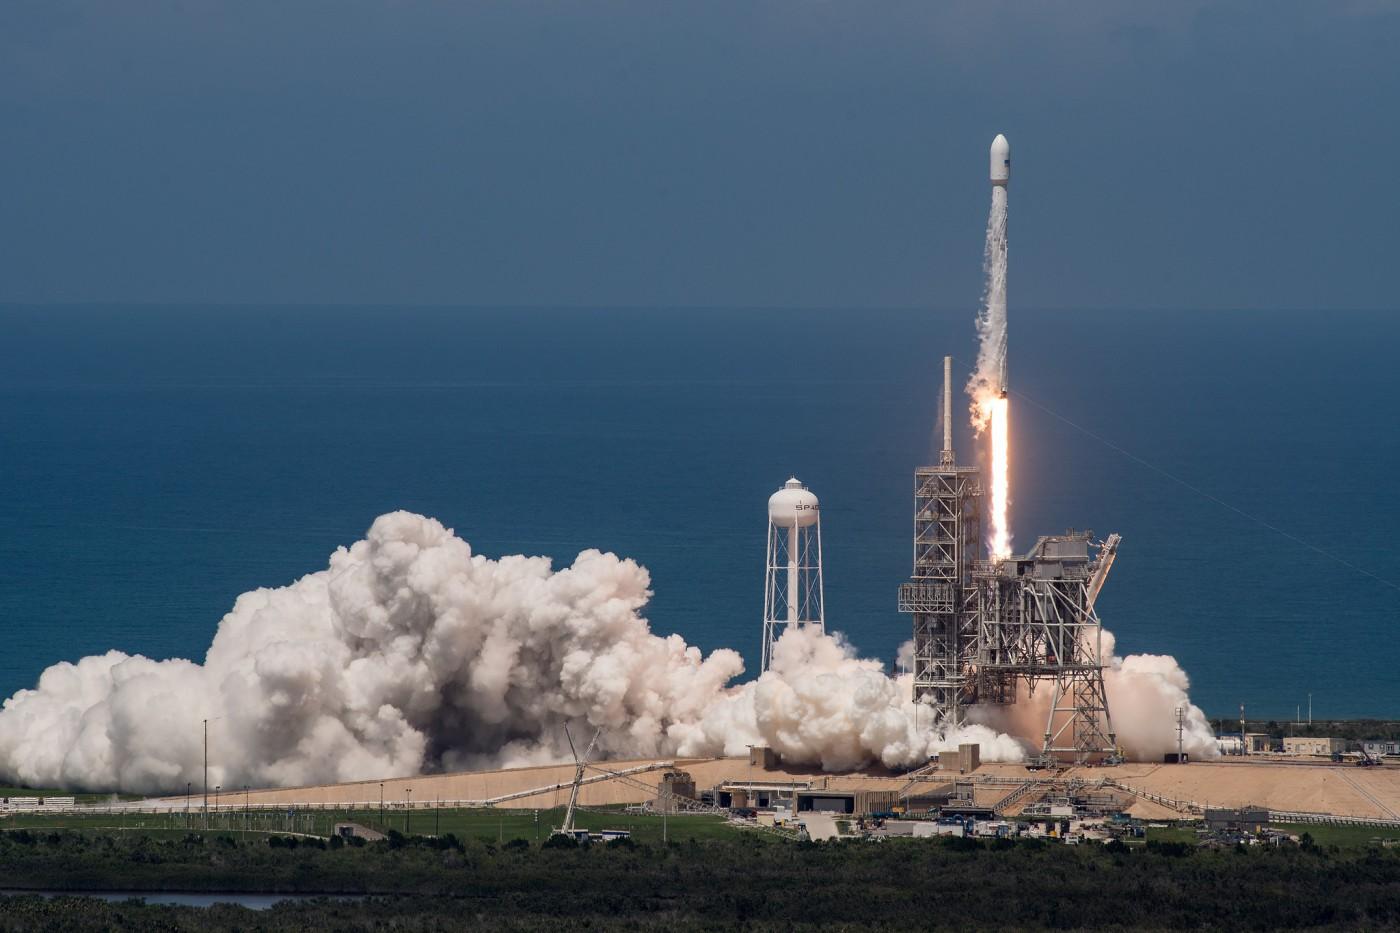 要在3個月內升空?SpaceX載人火箭開發時程曝光,馬斯克:正在最難的部分